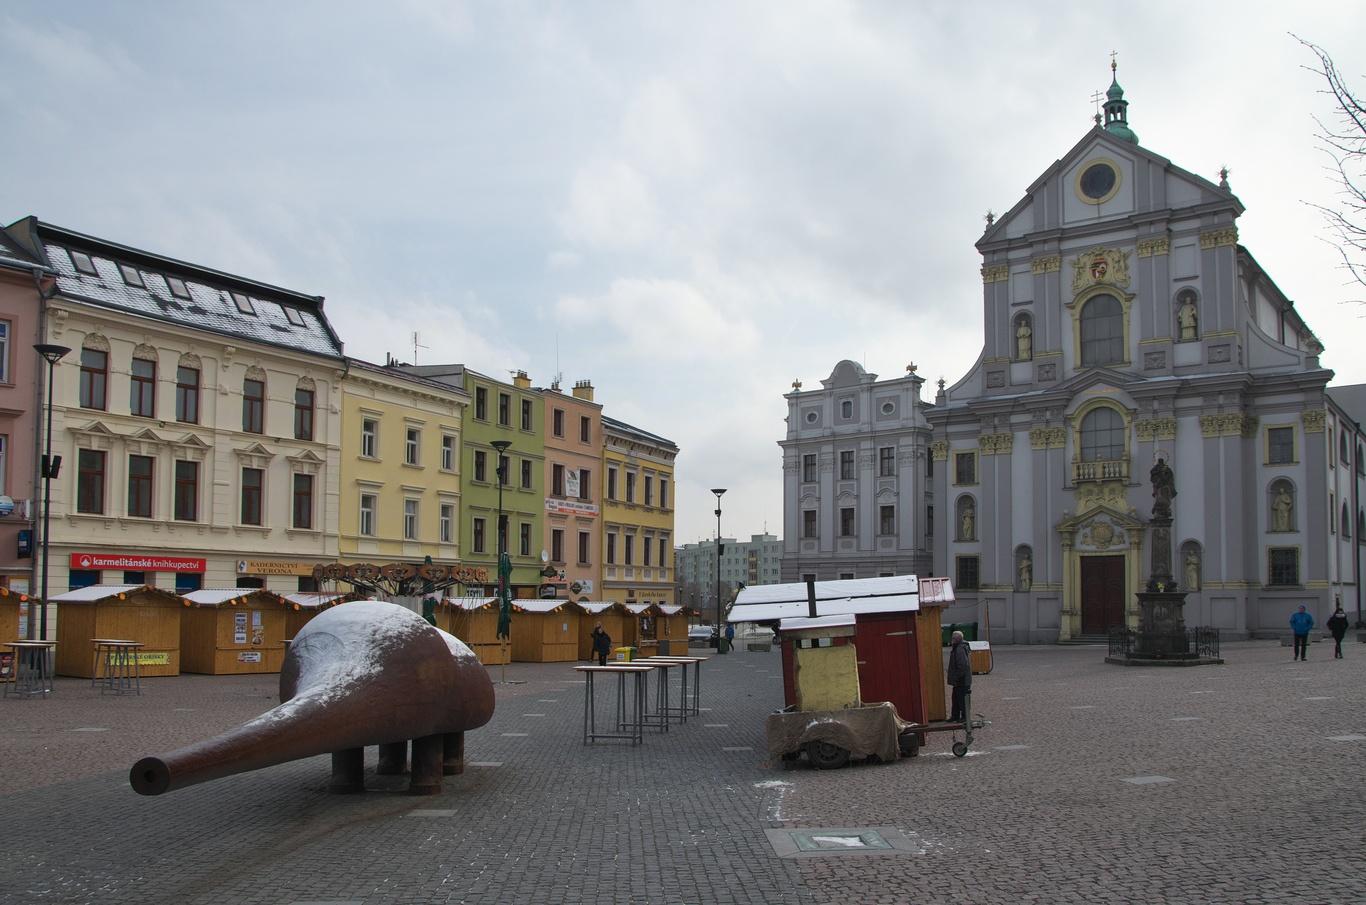 Dolní náměstí - socha Špion a kostel sv. Vojtěcha